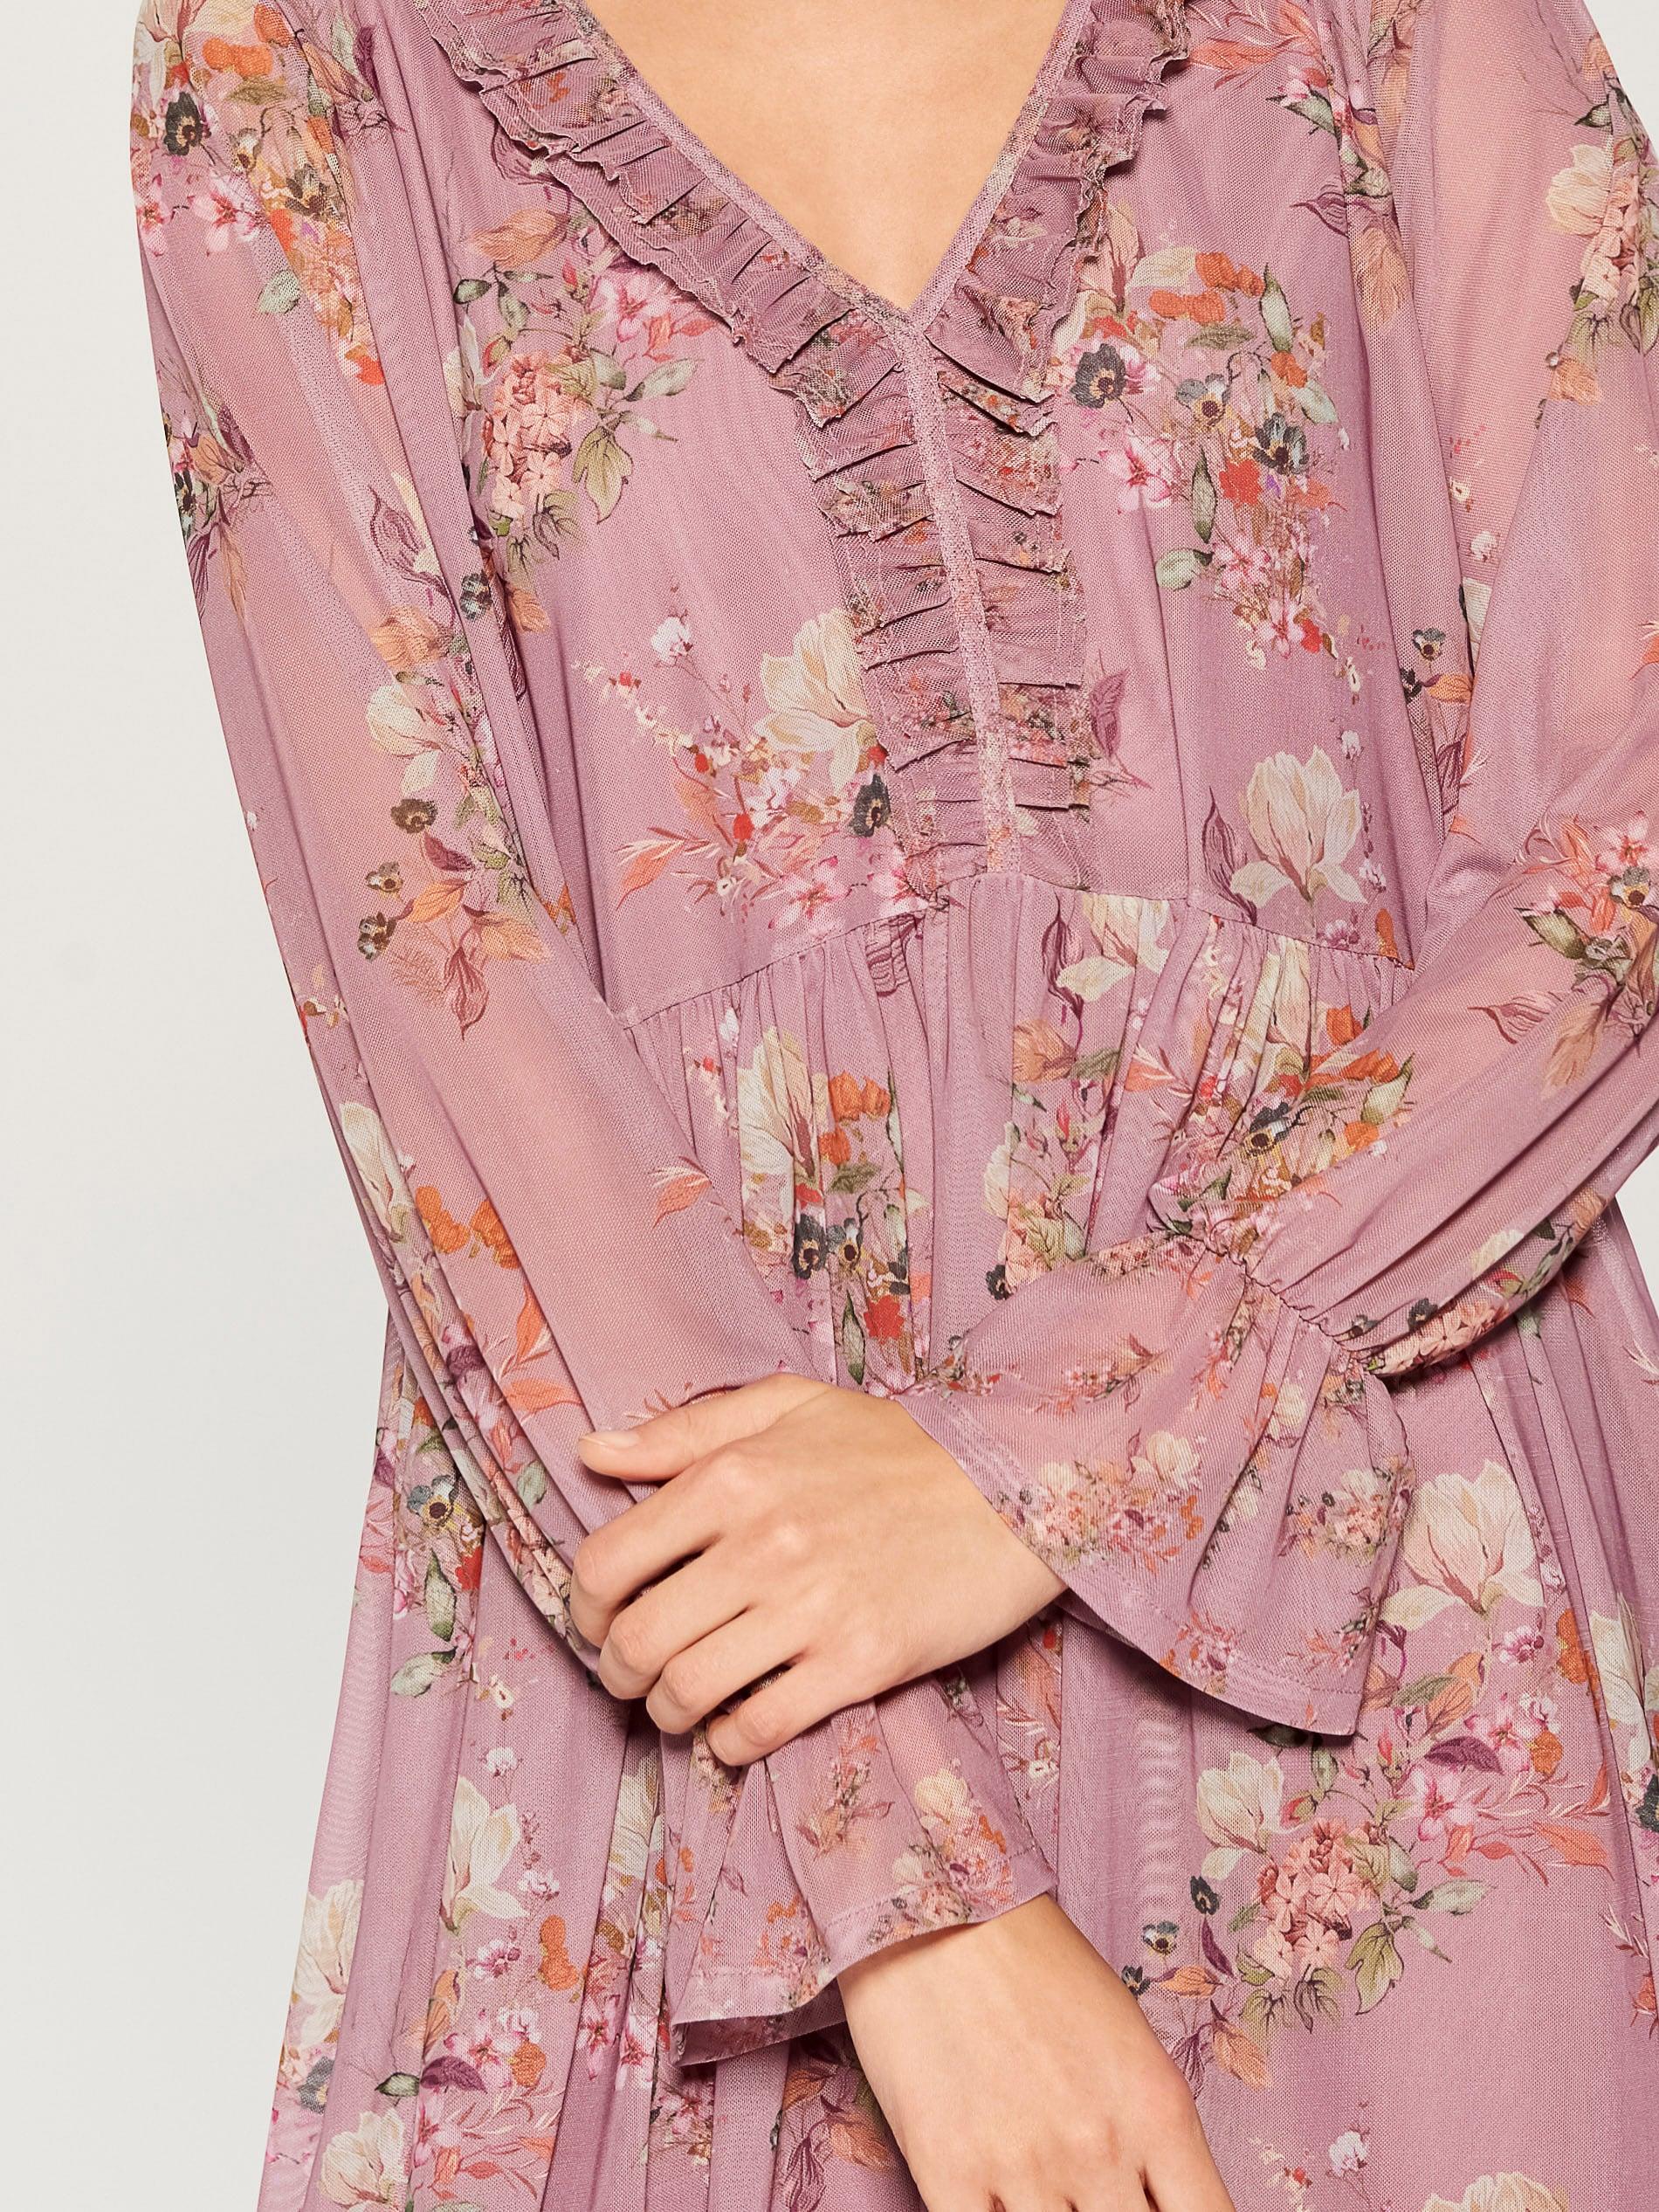 Šaty oversized s ozdobným volánem - růžová - VZ582-39P - Mohito - 4 09fcc806ee1